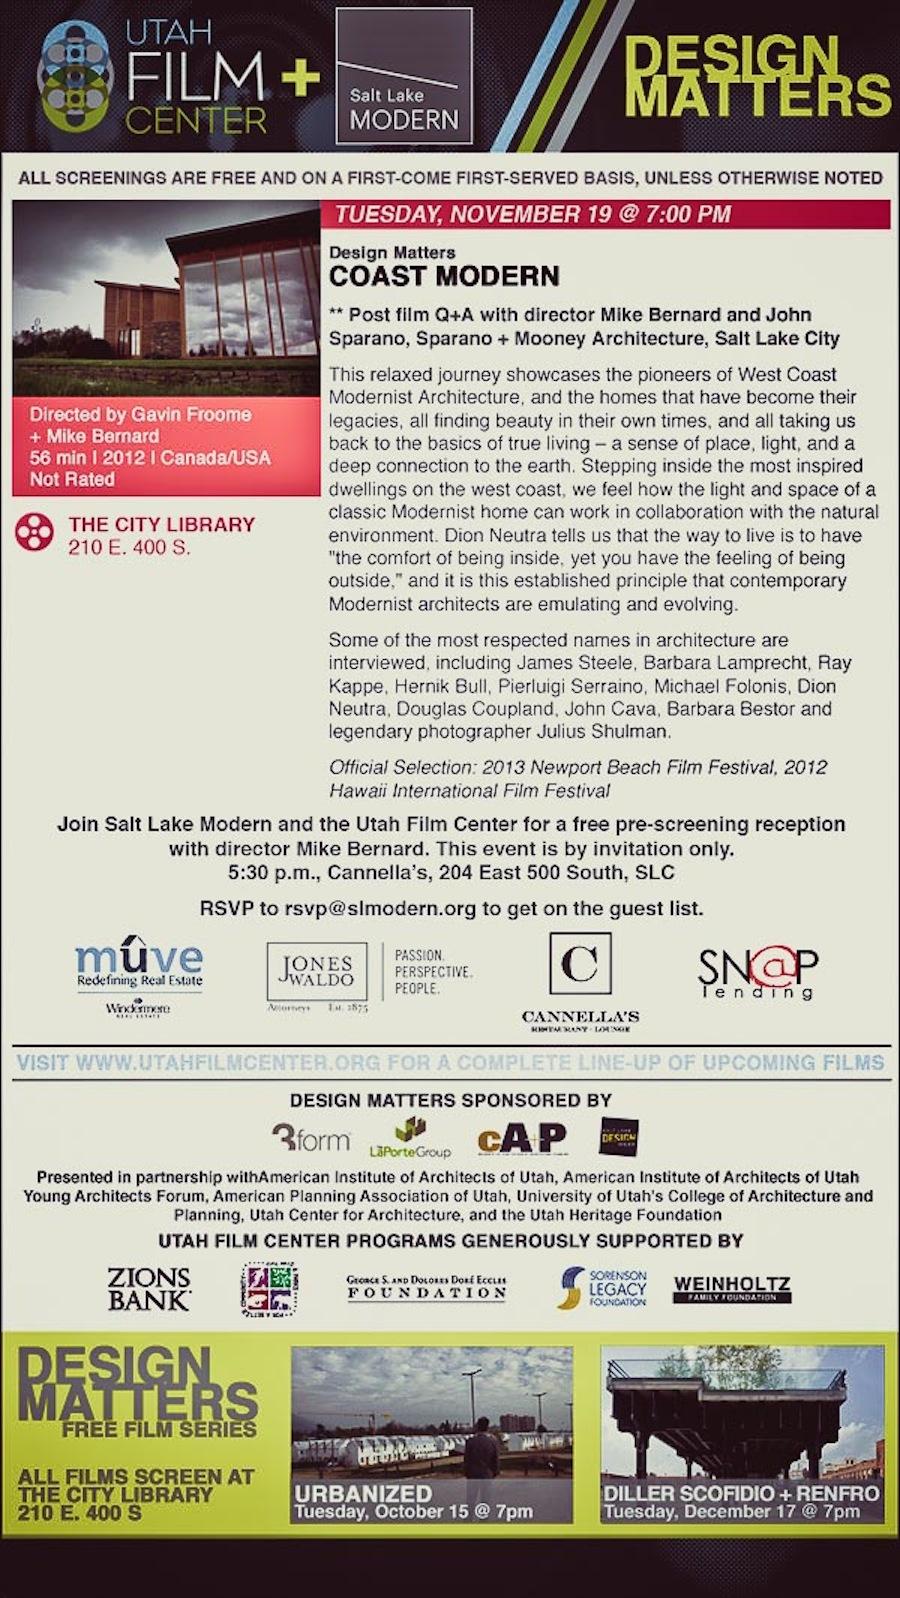 Utah-Film-Center-Salt-Lake-Modern-Design-Matters-Event-1